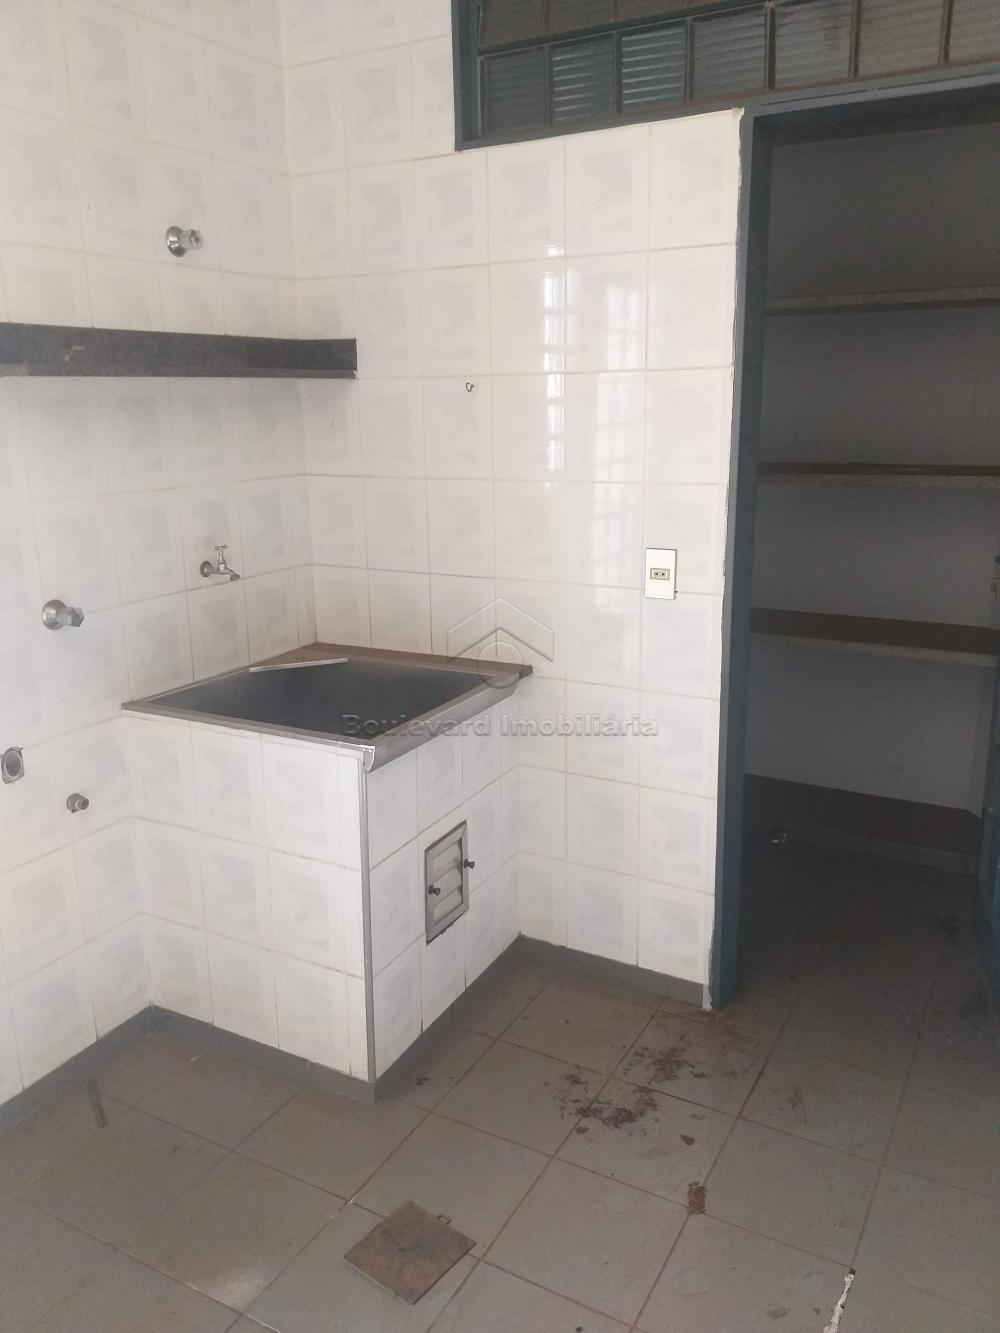 Alugar Casa / Sobrado em Ribeirão Preto R$ 2.400,00 - Foto 25